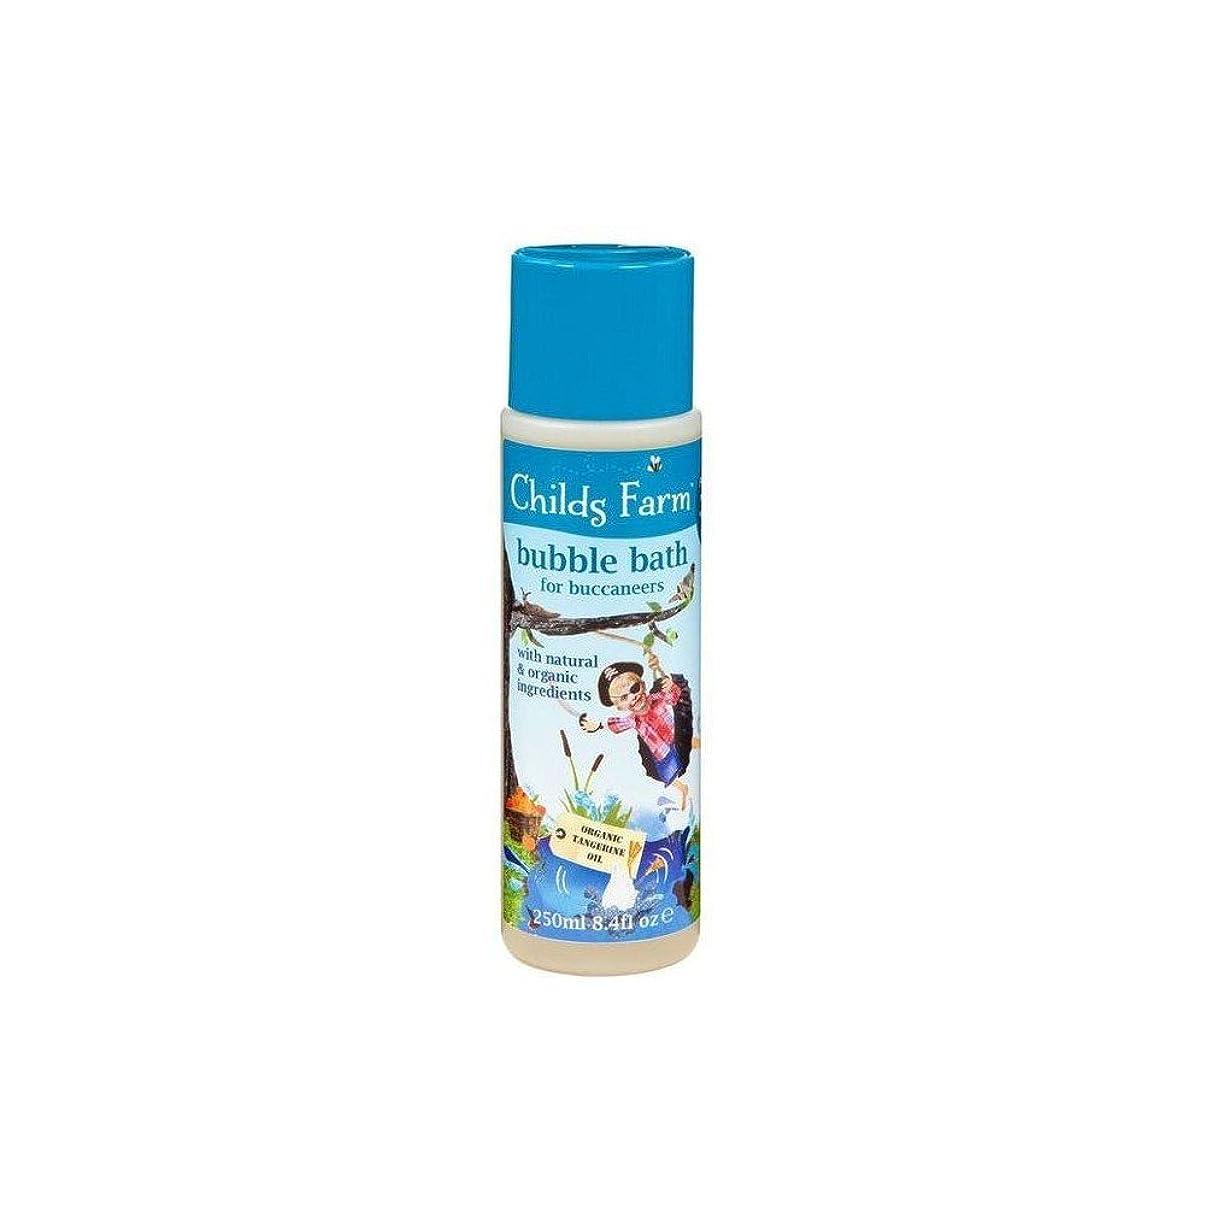 見る人時間告白Childs Farm Get Your Feet Wet! Bubble Bath for Bucanneers! (250ml) チャイルズファームは、あなたの足が濡れる! Bucanneersための泡風呂! ( 250ミリリットル) [並行輸入品]